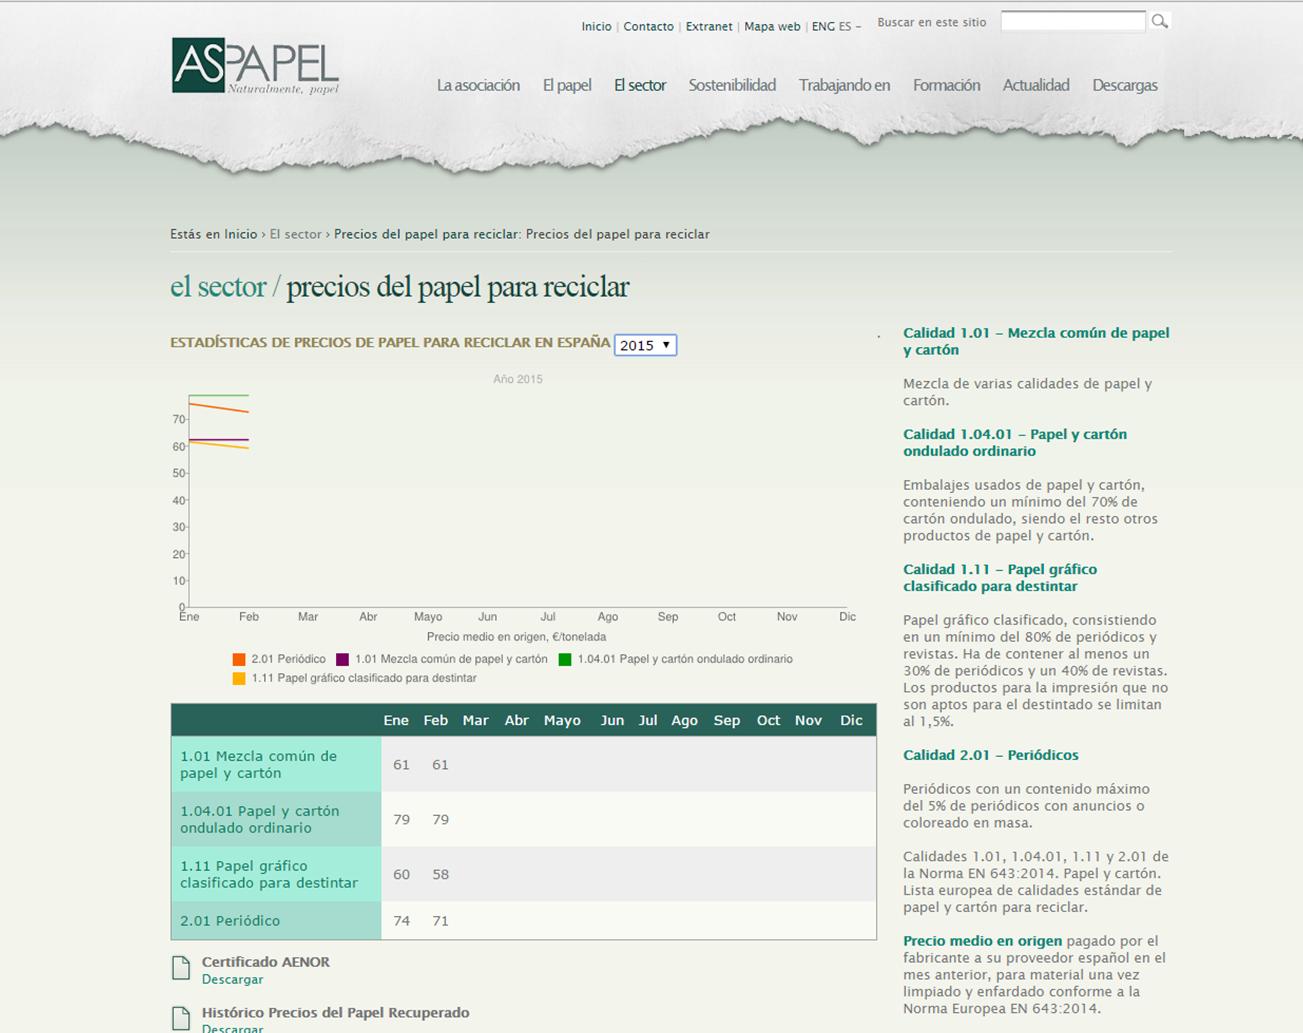 precios del papel para reciclar Aspapel